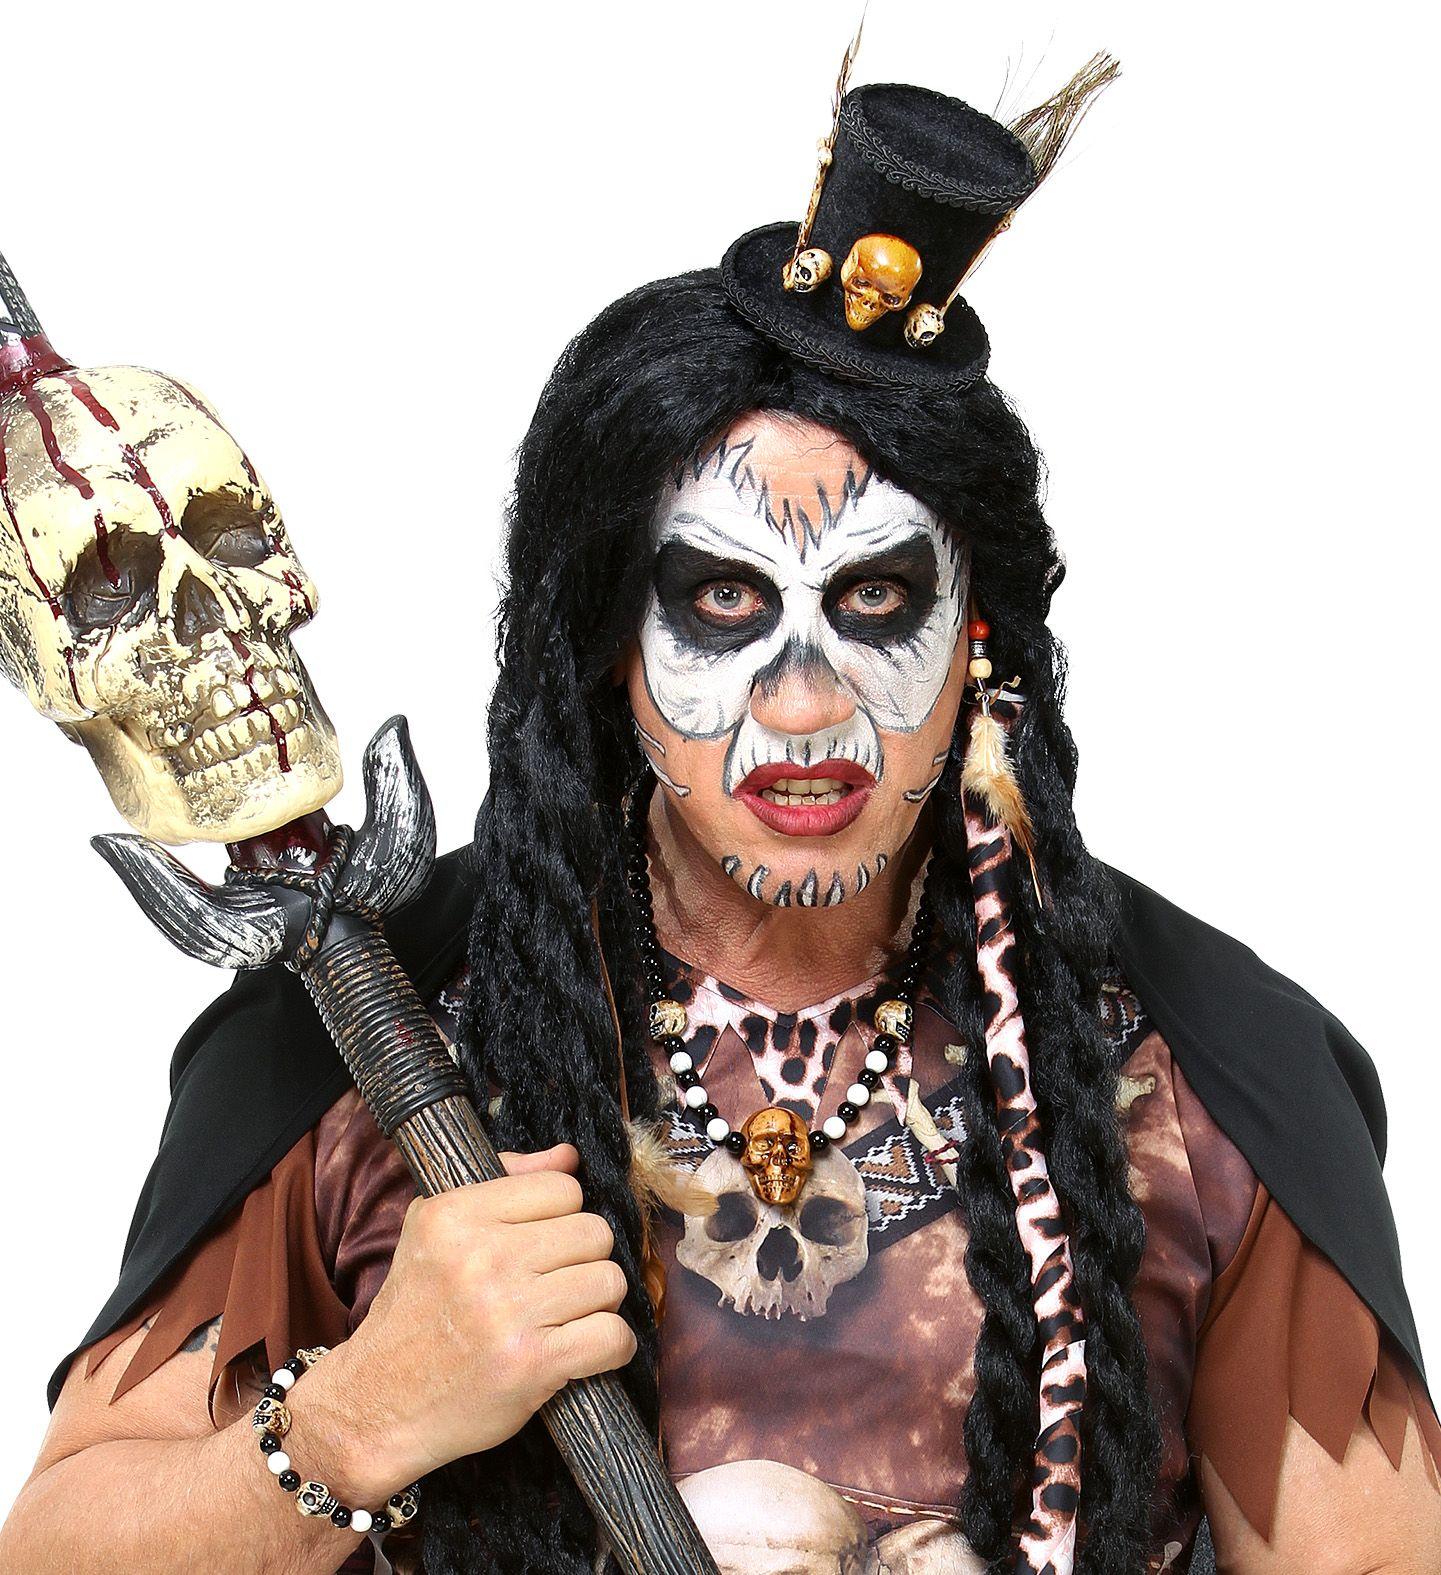 Voodoo priester accessoire set